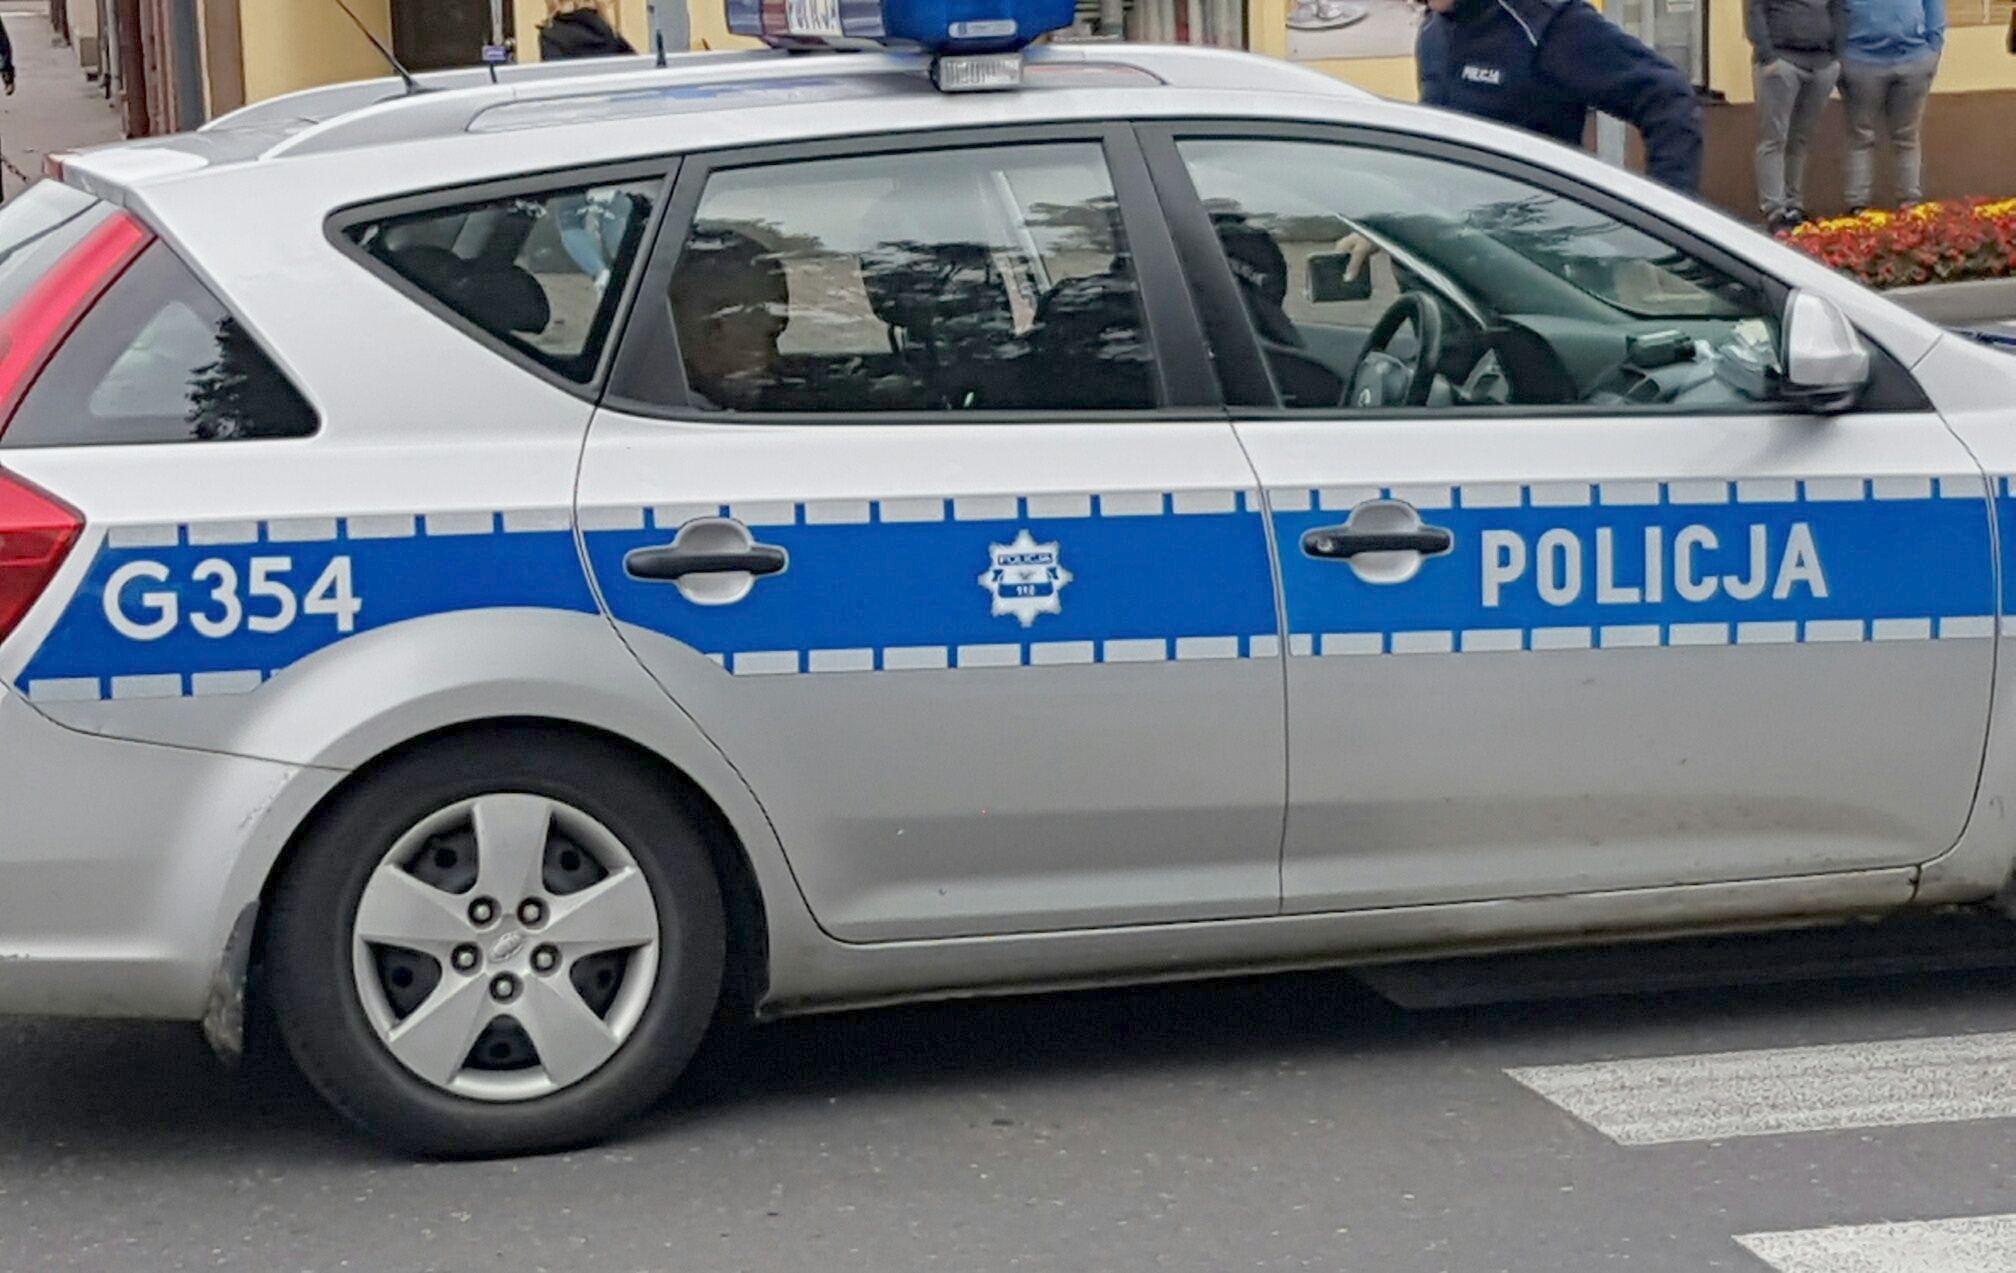 Dzisiaj akcja policji na drogach. Kaskadowy pomiar prędkości